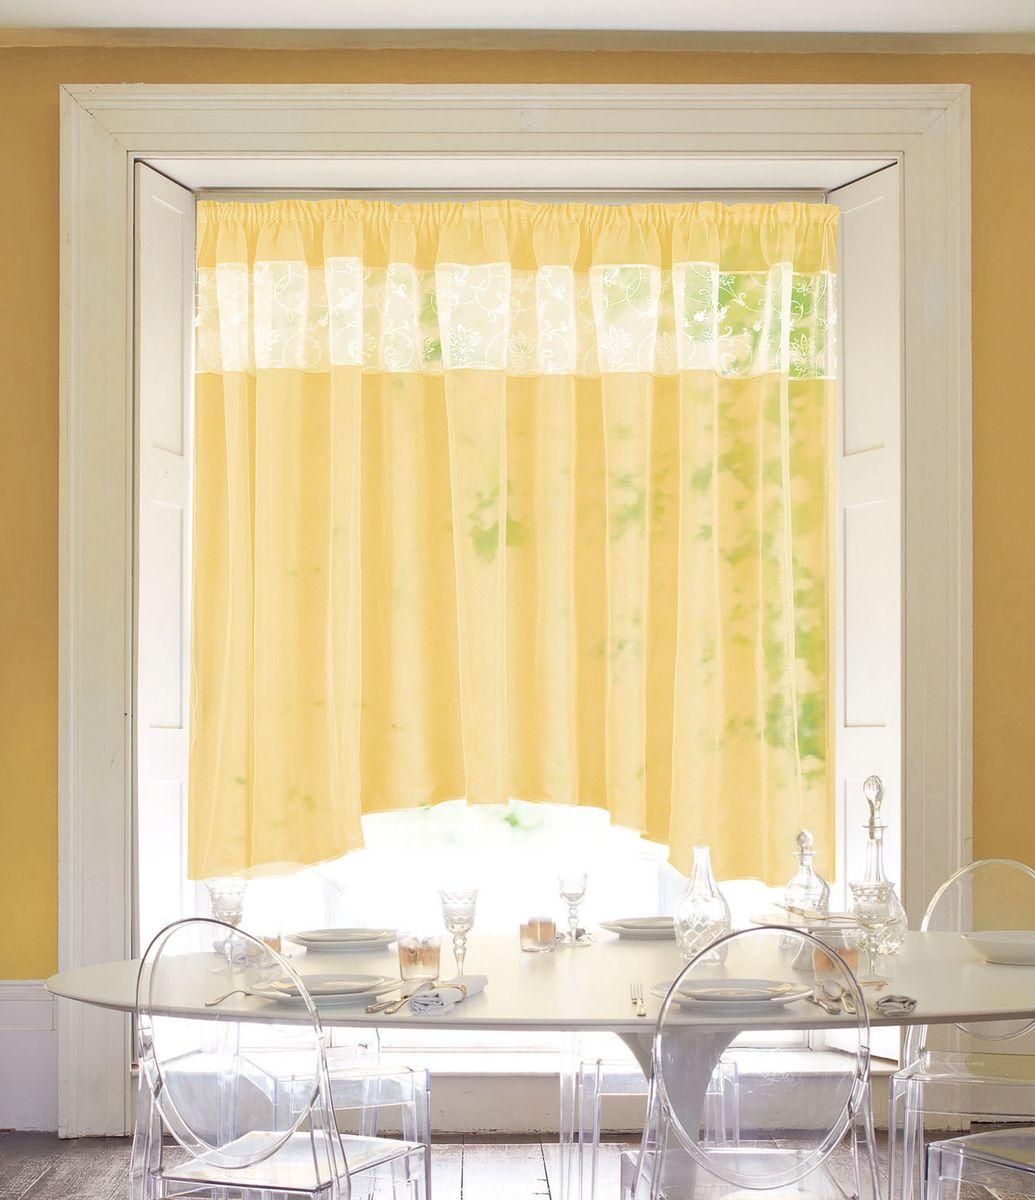 Штора Garden, на ленте, цвет: желтый, высота 170 см. С W875 V8С W875 V8Изящная штора Garden выполнена из однотонной полуорганзы, подходит для кухни. br>Приятная текстура и цвет штор привлекут к себе внимание и органично впишутся в интерьер помещения.Штора крепится на карниз при помощи ленты, которая поможет красиво и равномерно задрапировать верх.